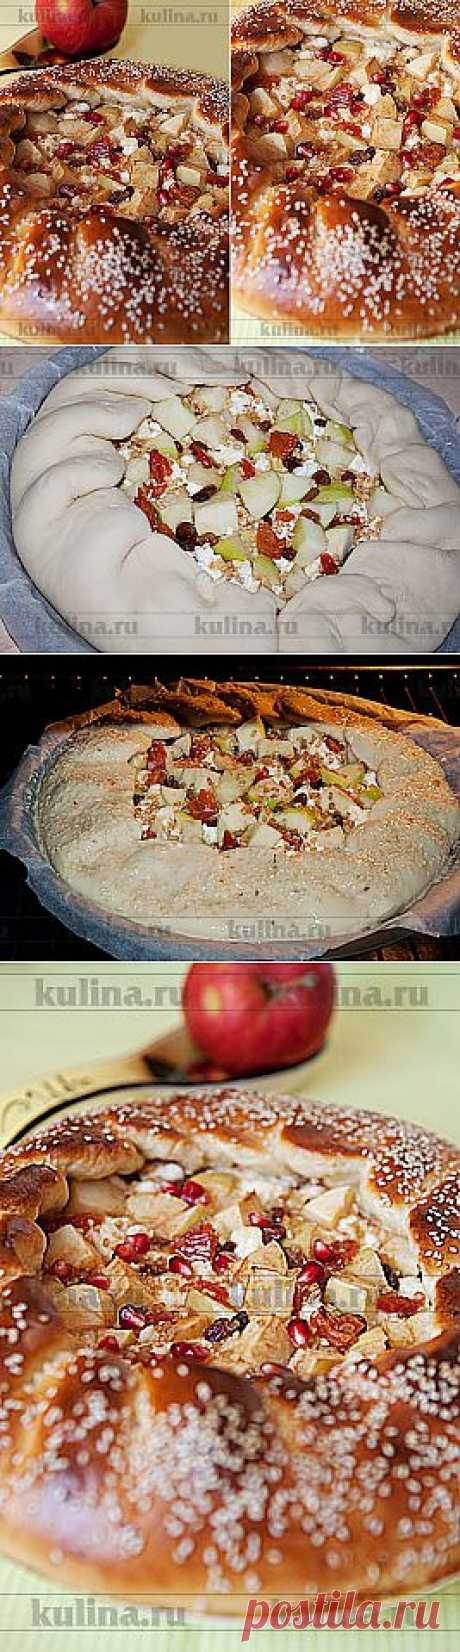 Дрожжевой пирог с творогом, яблоками и курагой – рецепт приготовления с фото от Kulina.Ru